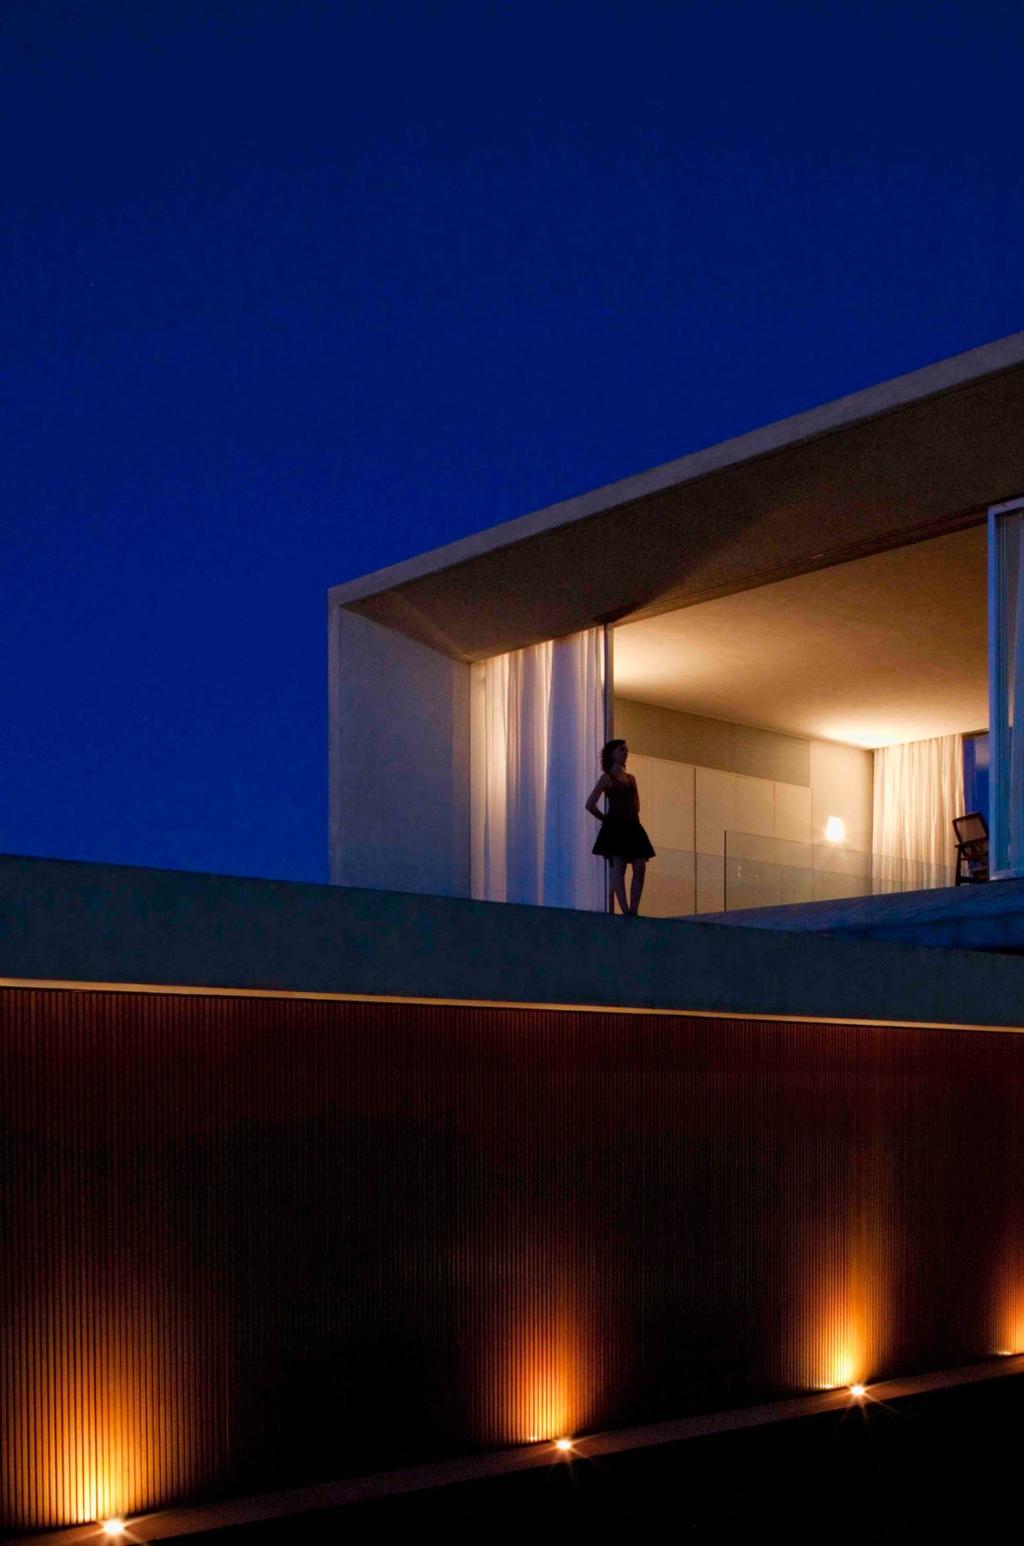 Exquisite Residence In Brasilia, Brazil 14